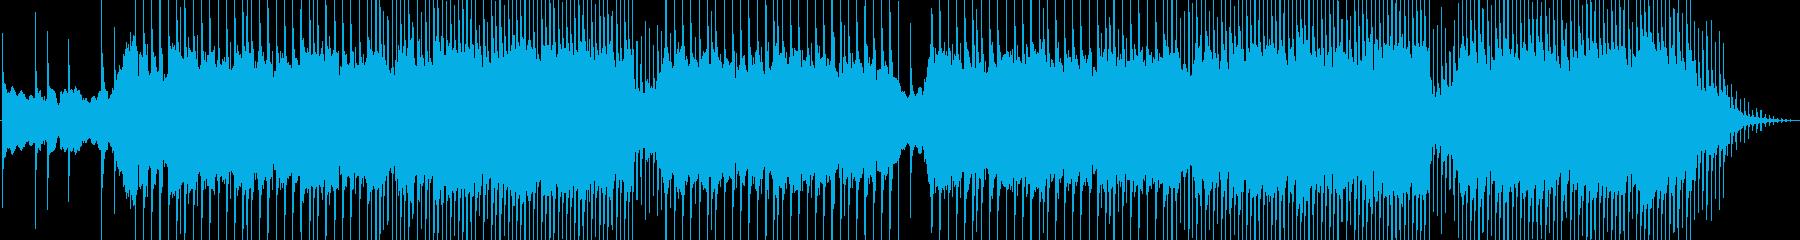 オシャレでカッコイイEDMの再生済みの波形